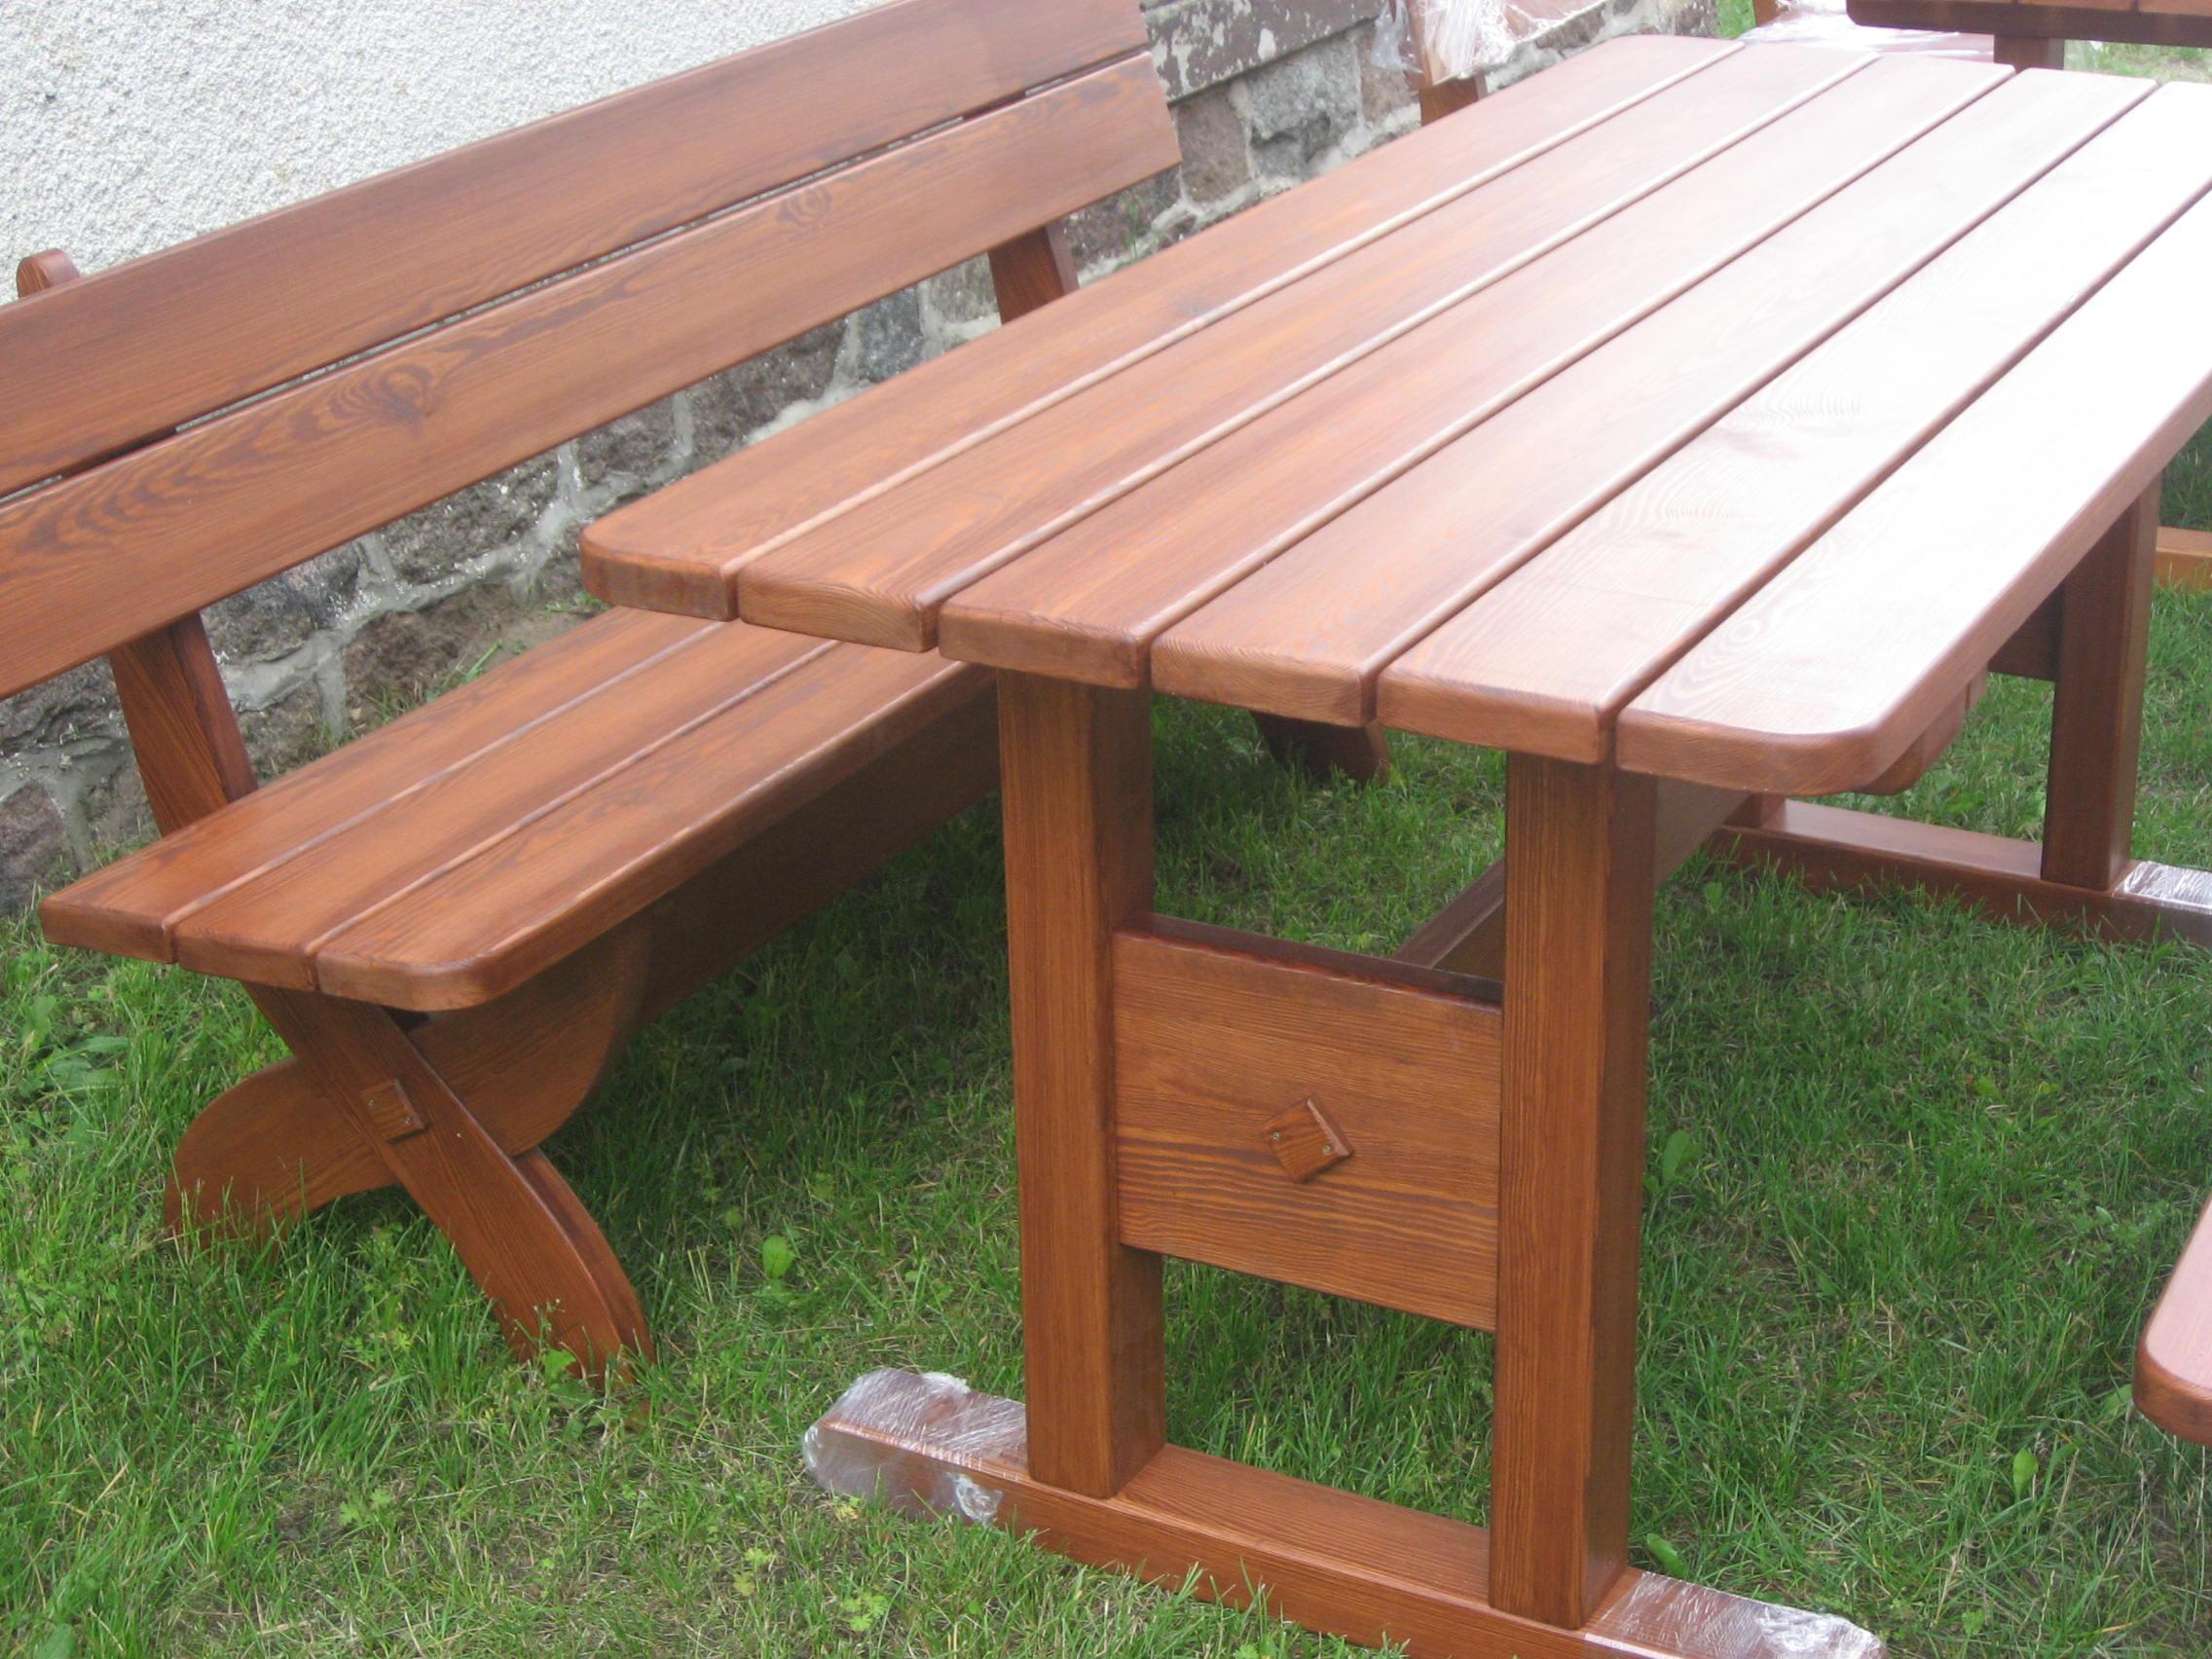 Kupimy meble ogrodowe i klatki drewniane BielskoBiała  Oferteopl